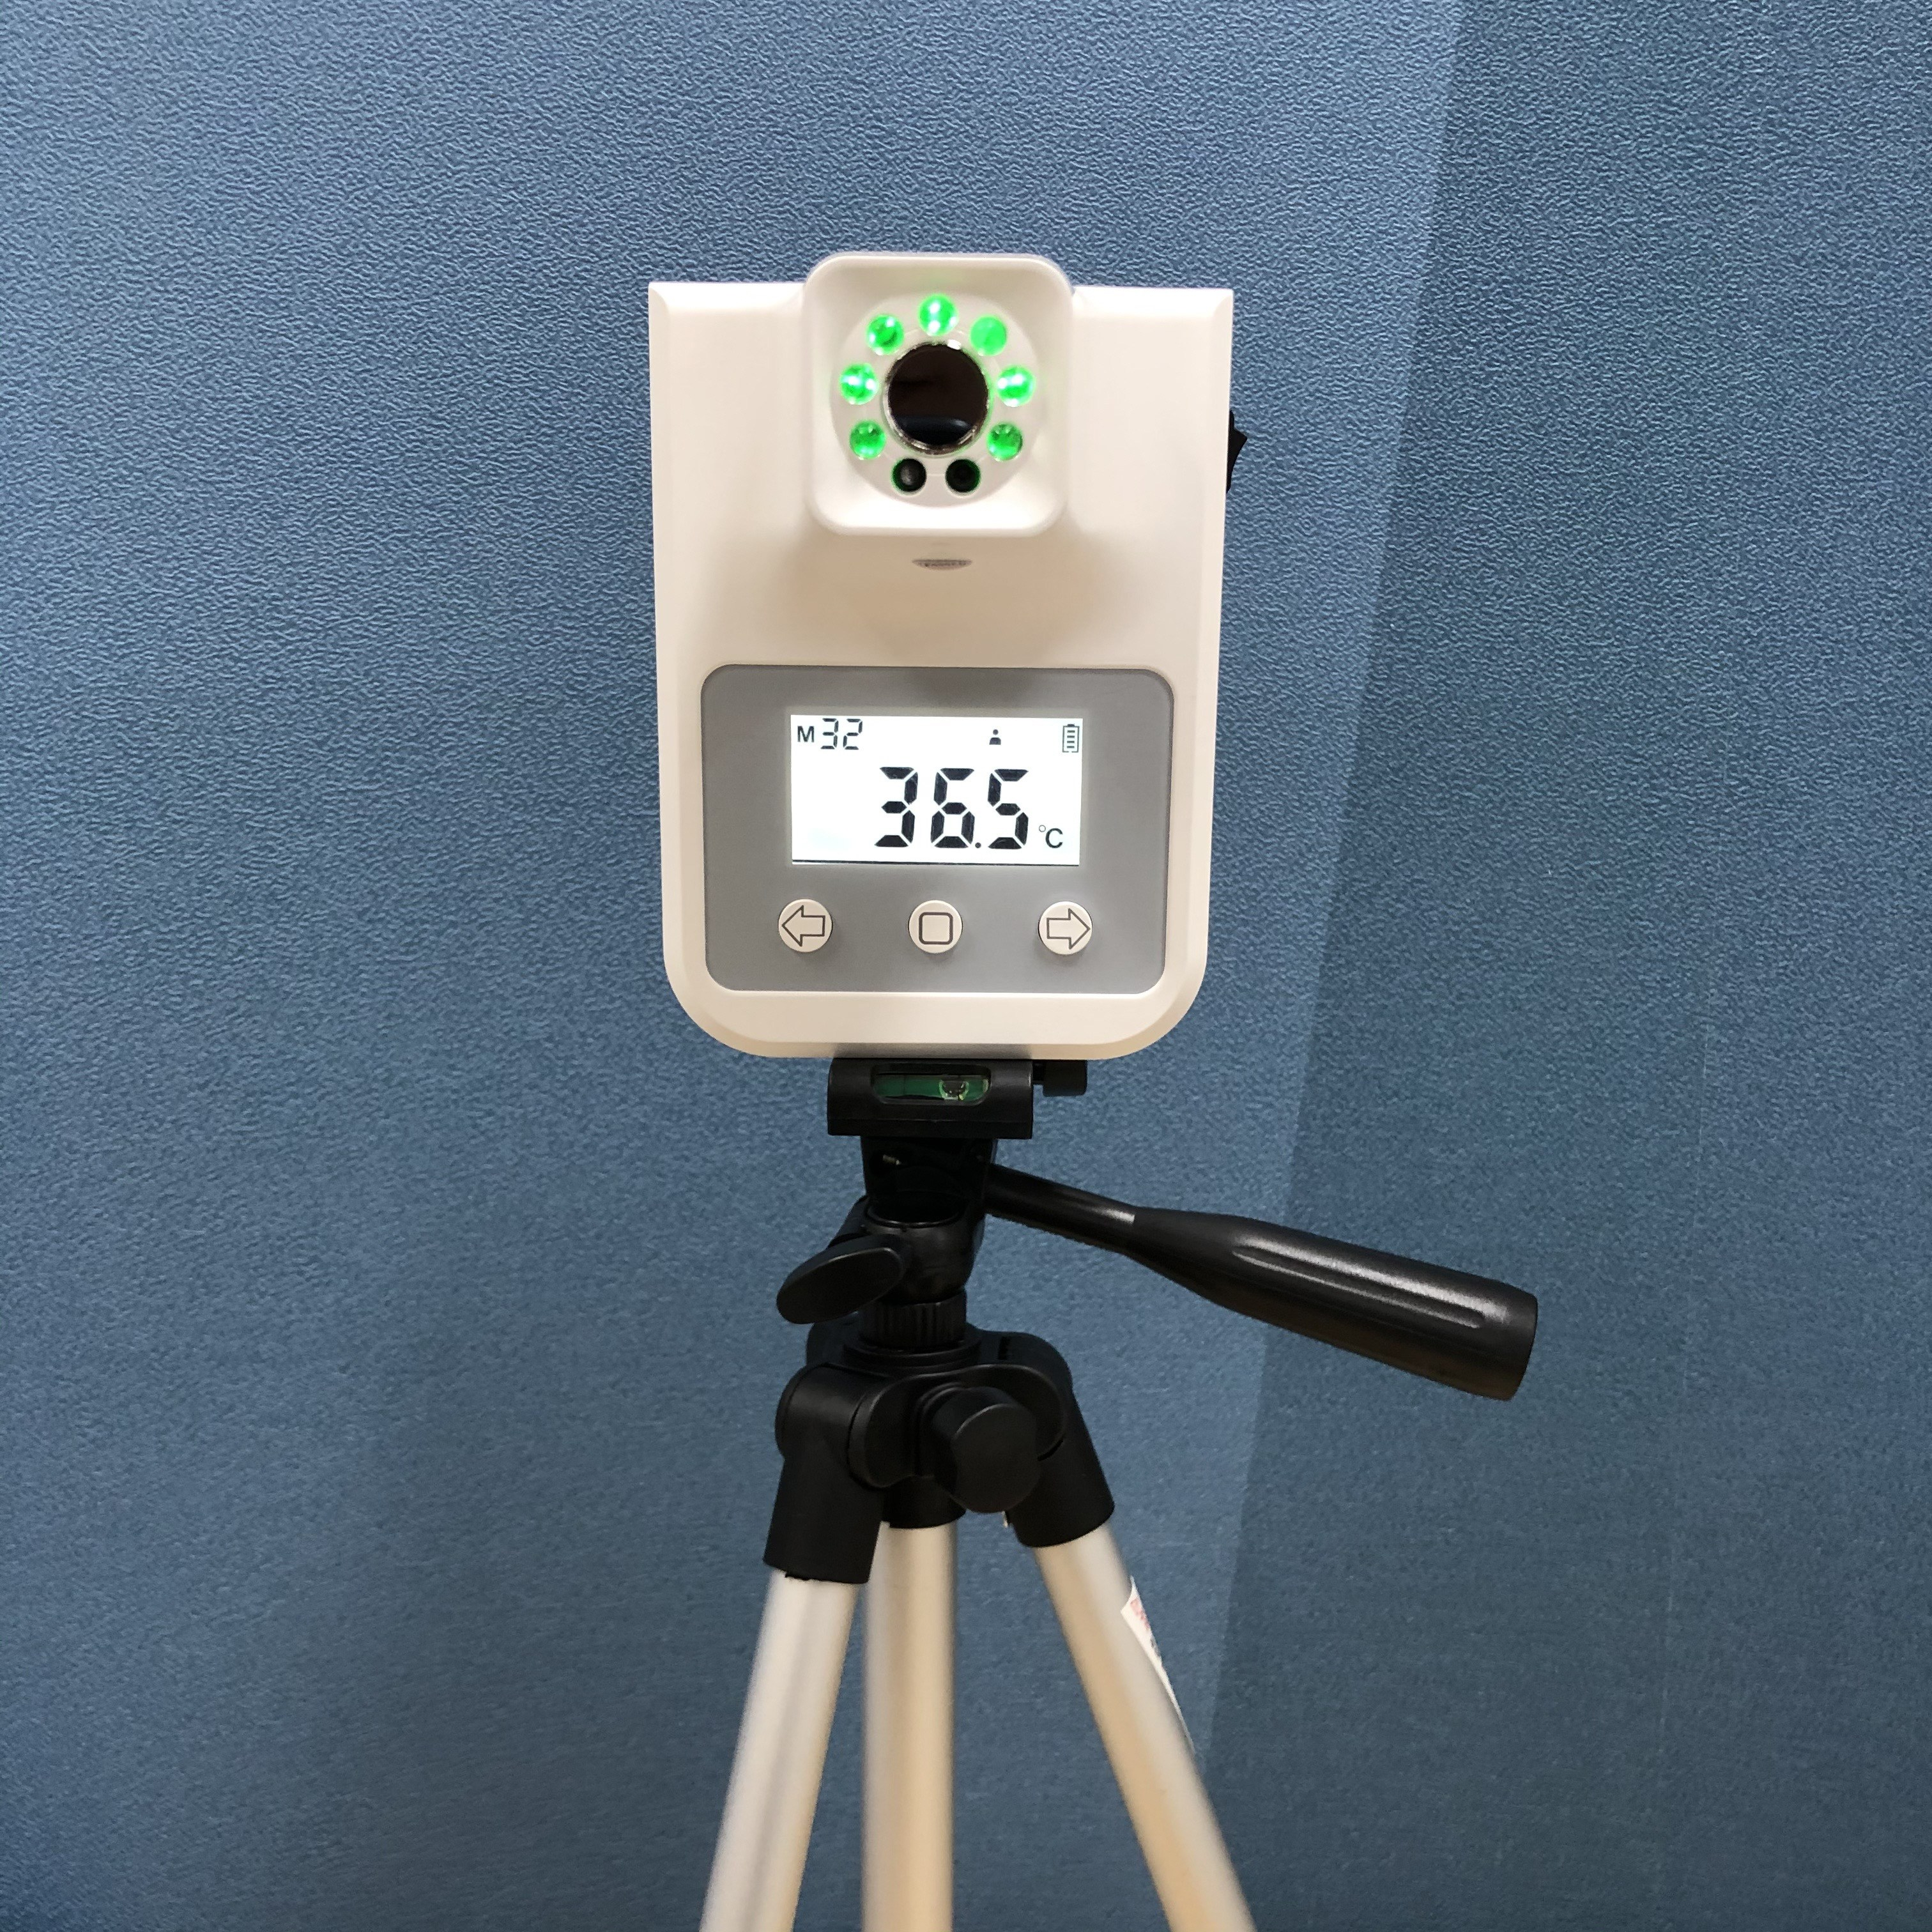 비대면 자동 열체크 온도계 K20, 고급형 삼각대(1.5m)